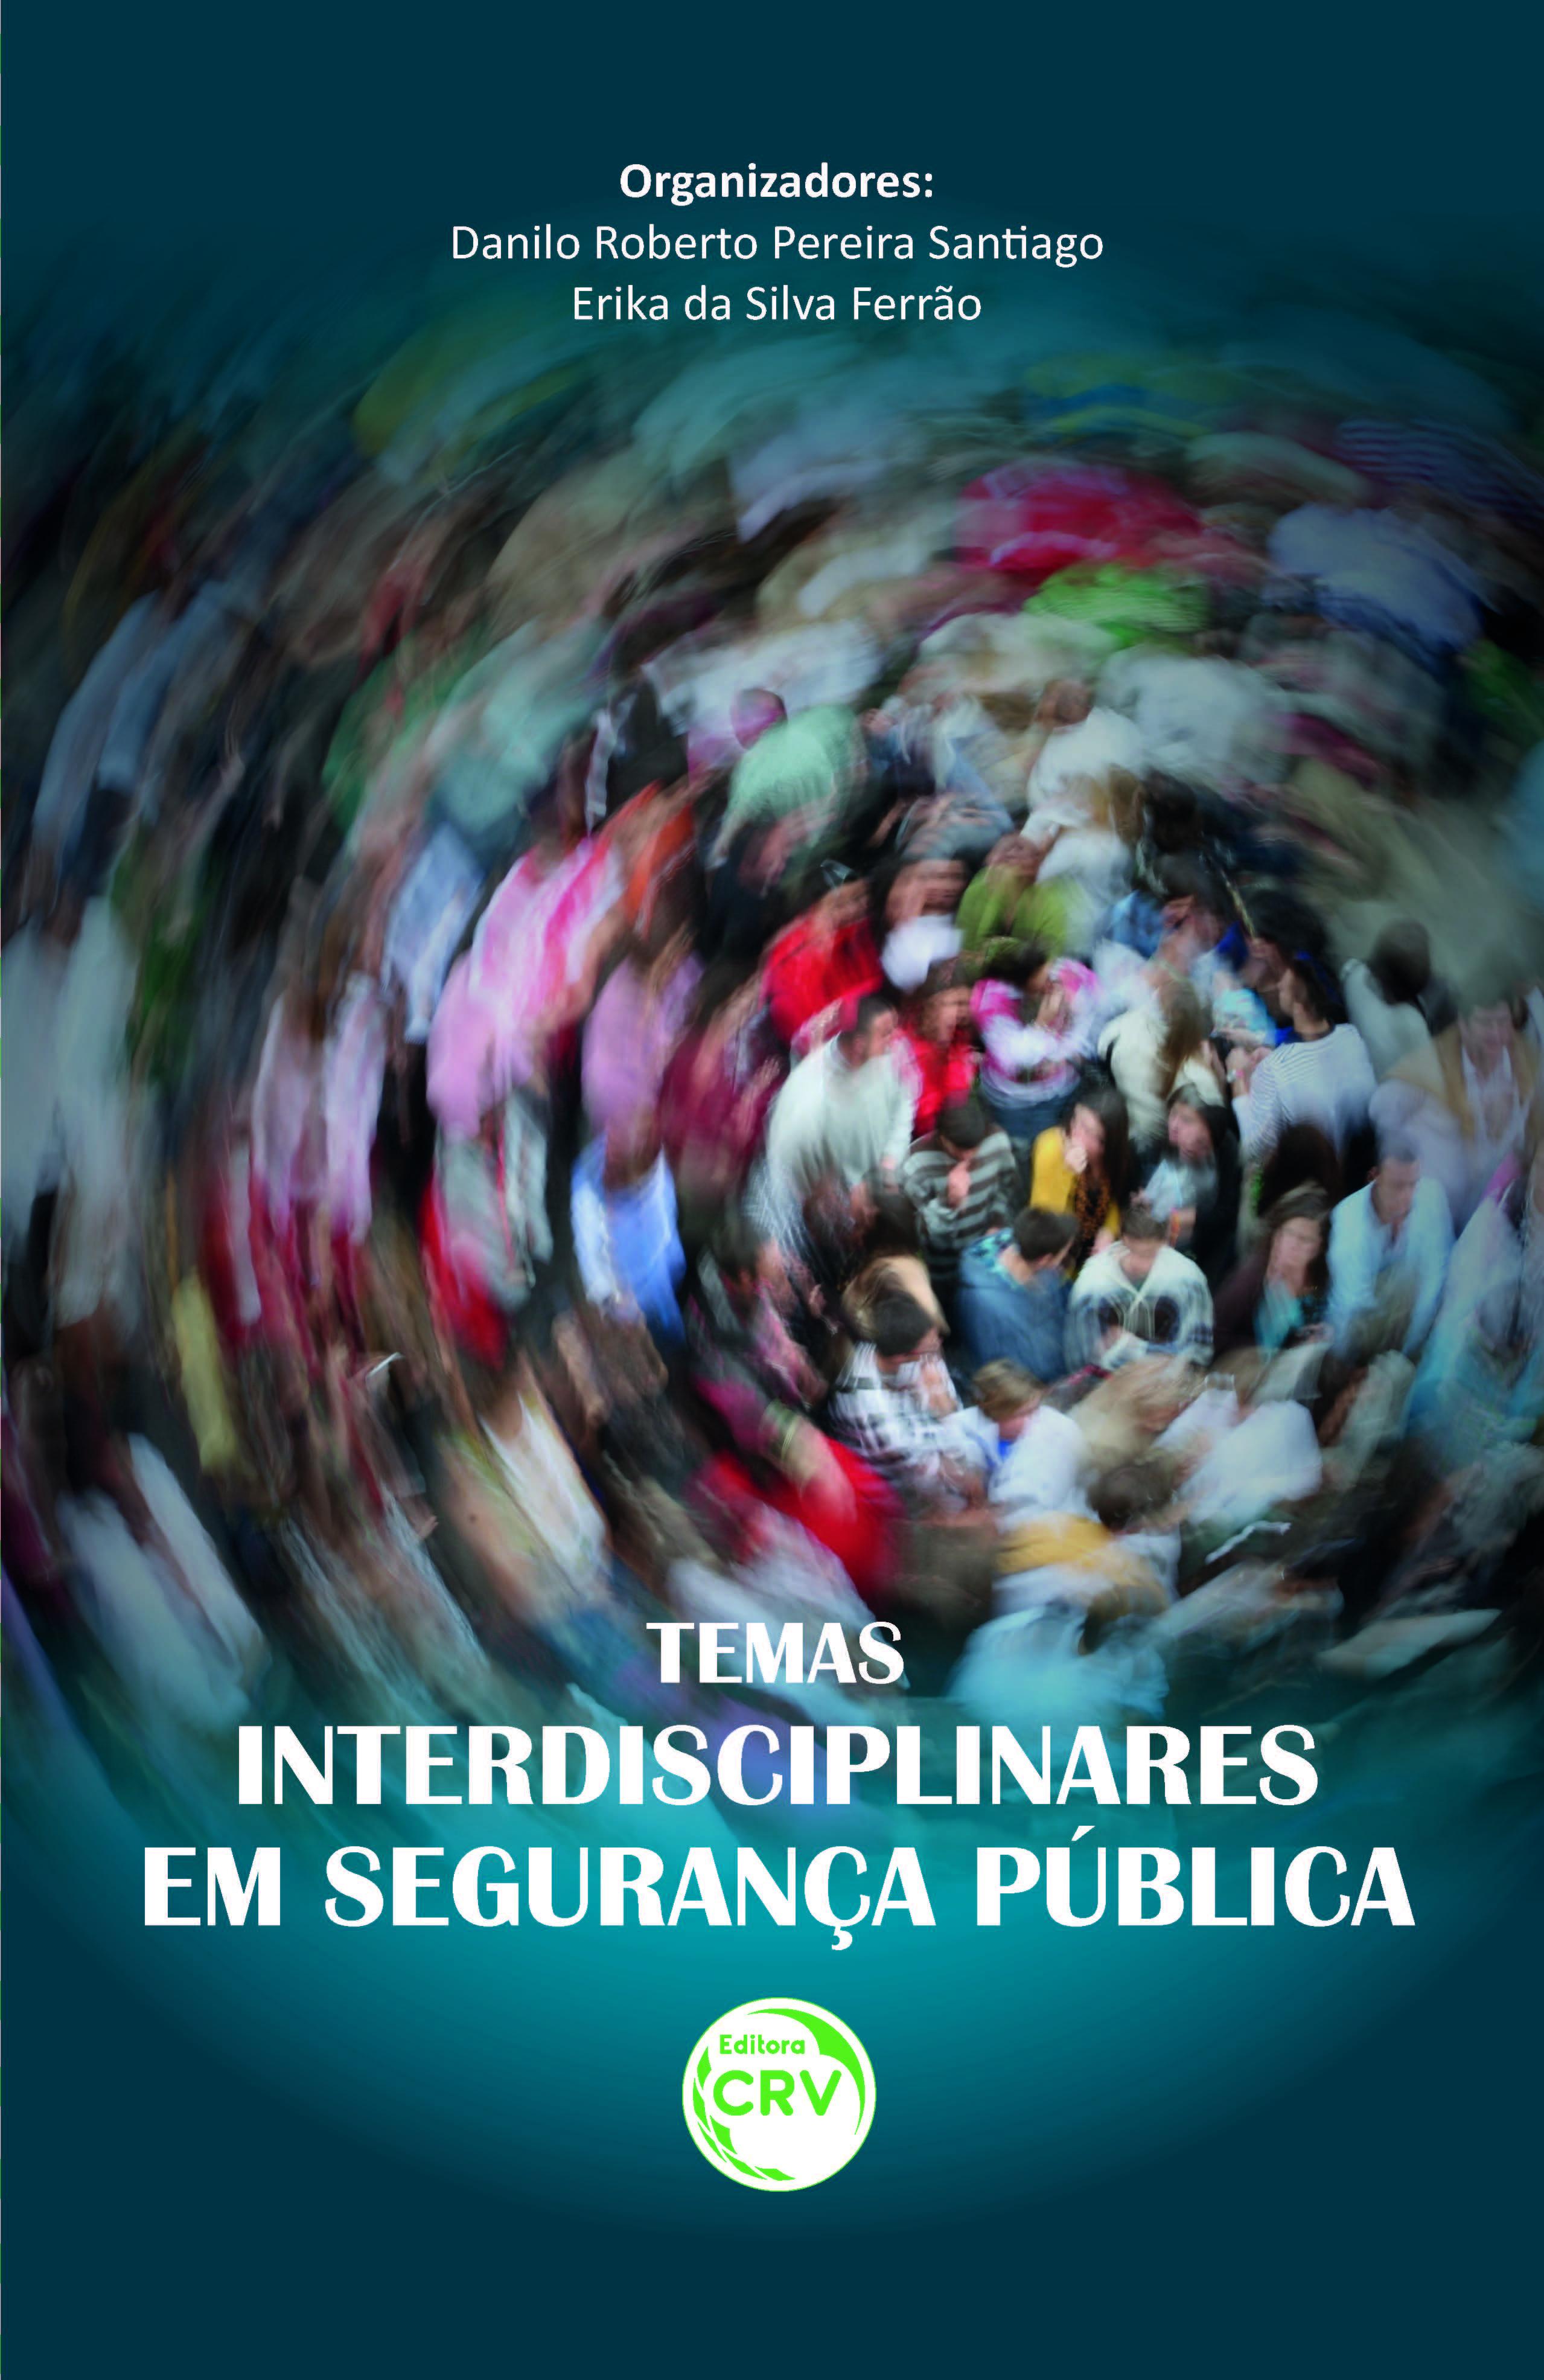 Capa do livro: TEMAS INTERDISCIPLINARES EM SEGURANÇA PÚBLICA